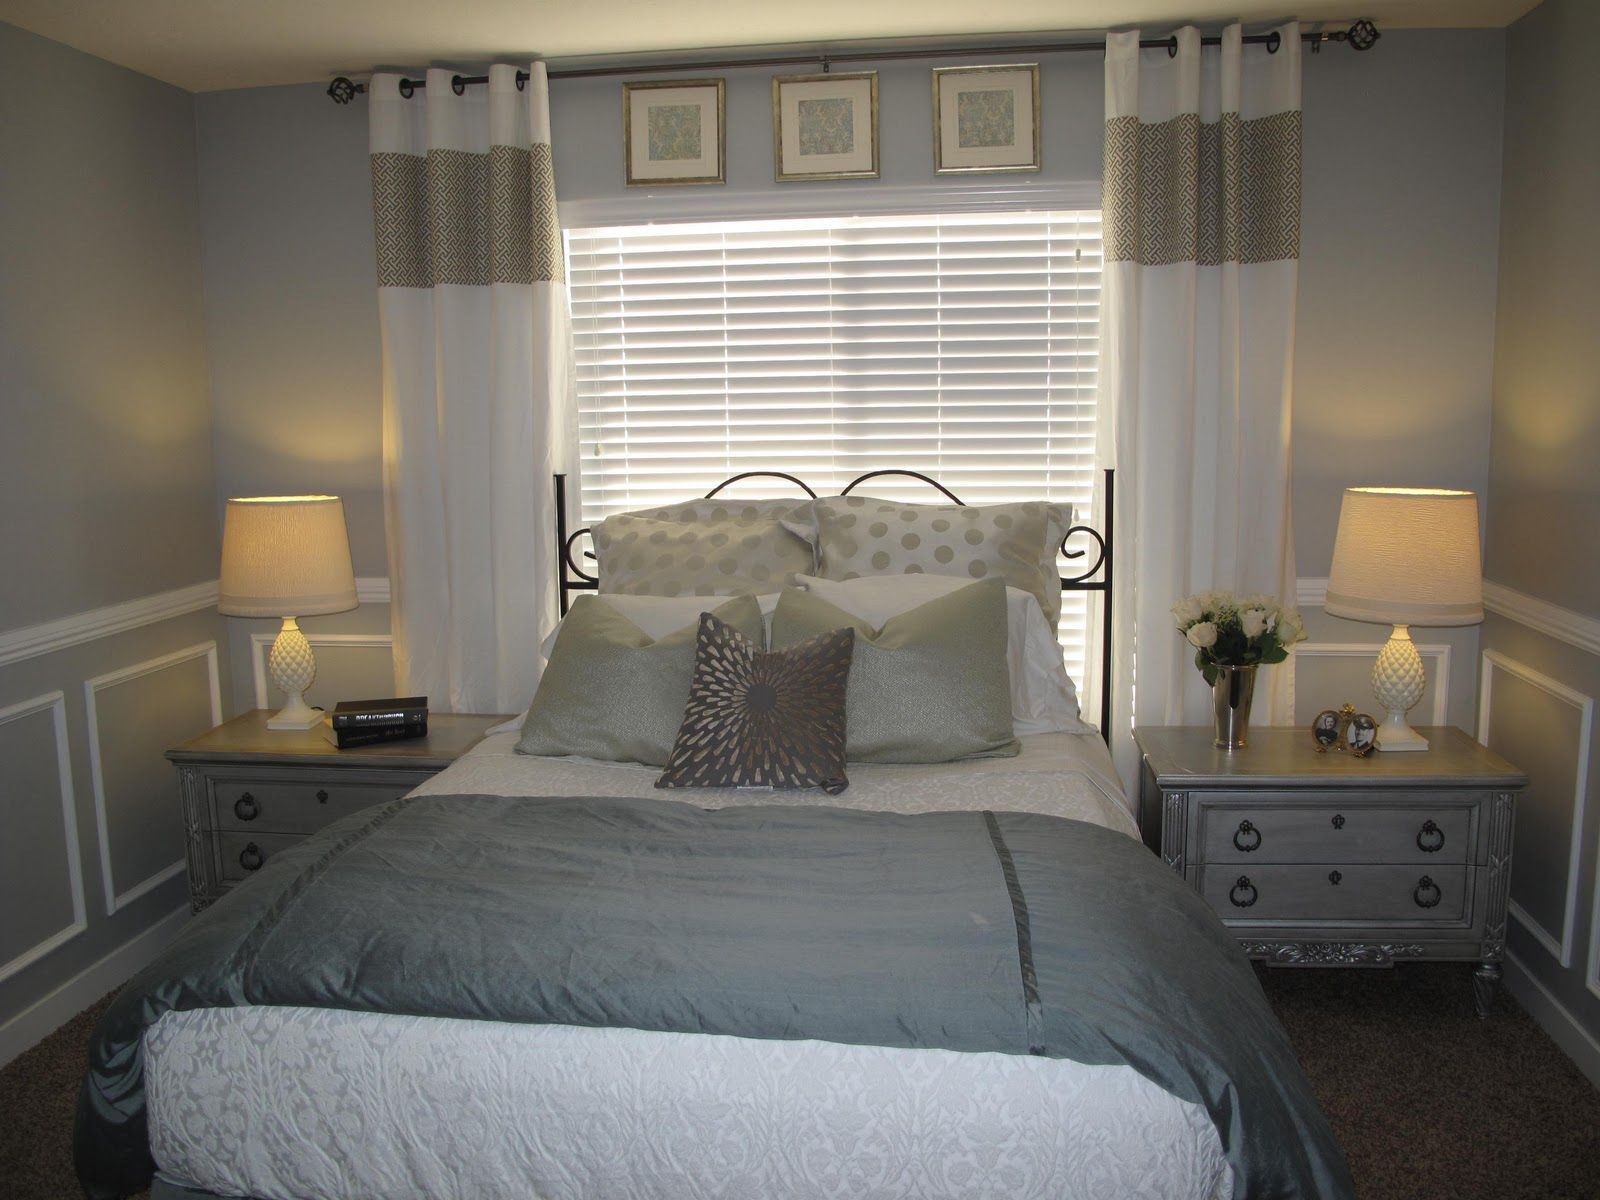 Small Bedroom Window 4 Basement Bedroom Beauties Basement Bedrooms High Windows And